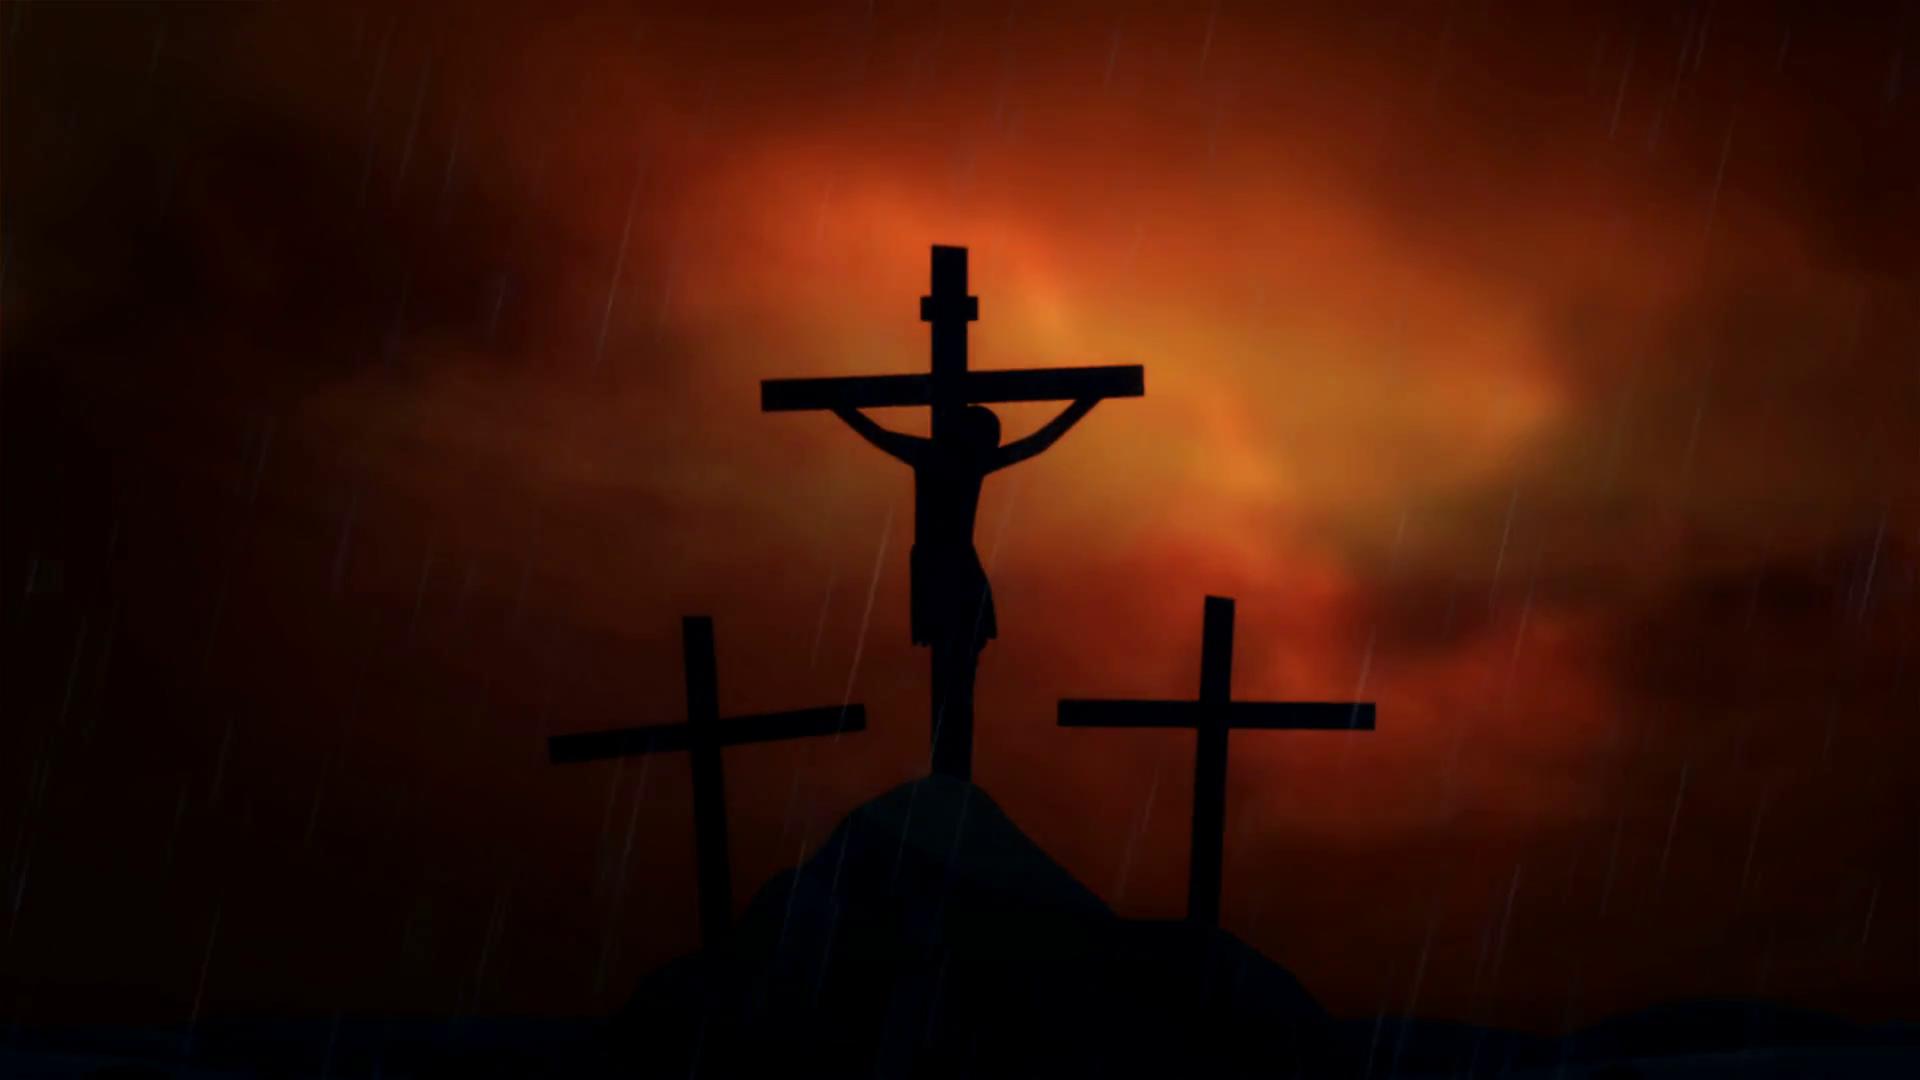 символът на кръста